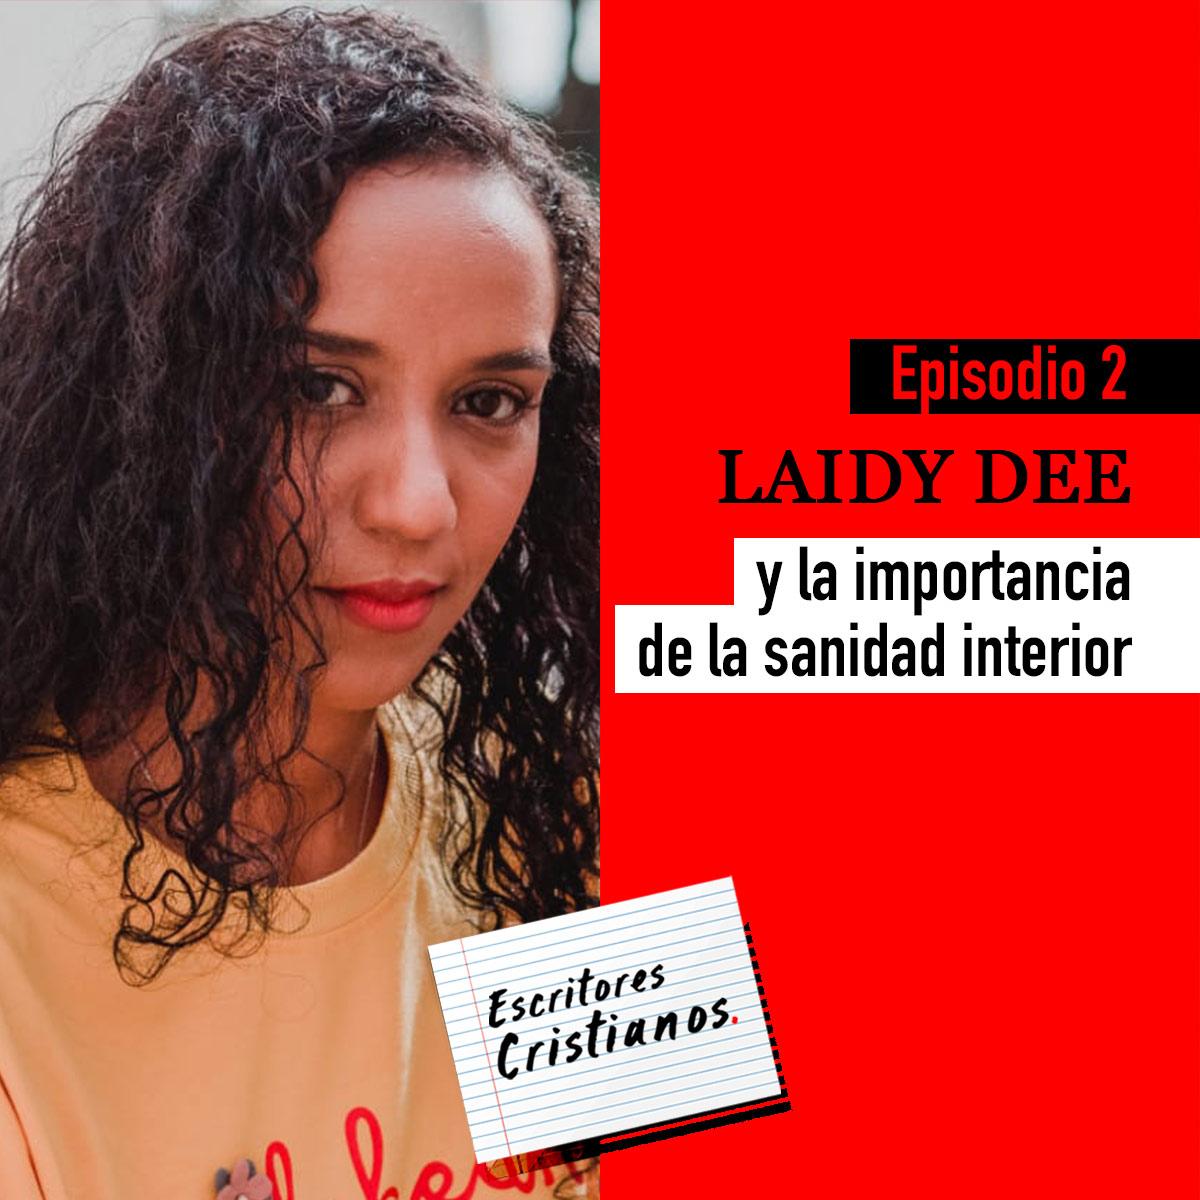 2. Laidy Dee y la importancia de la sanidadinterior